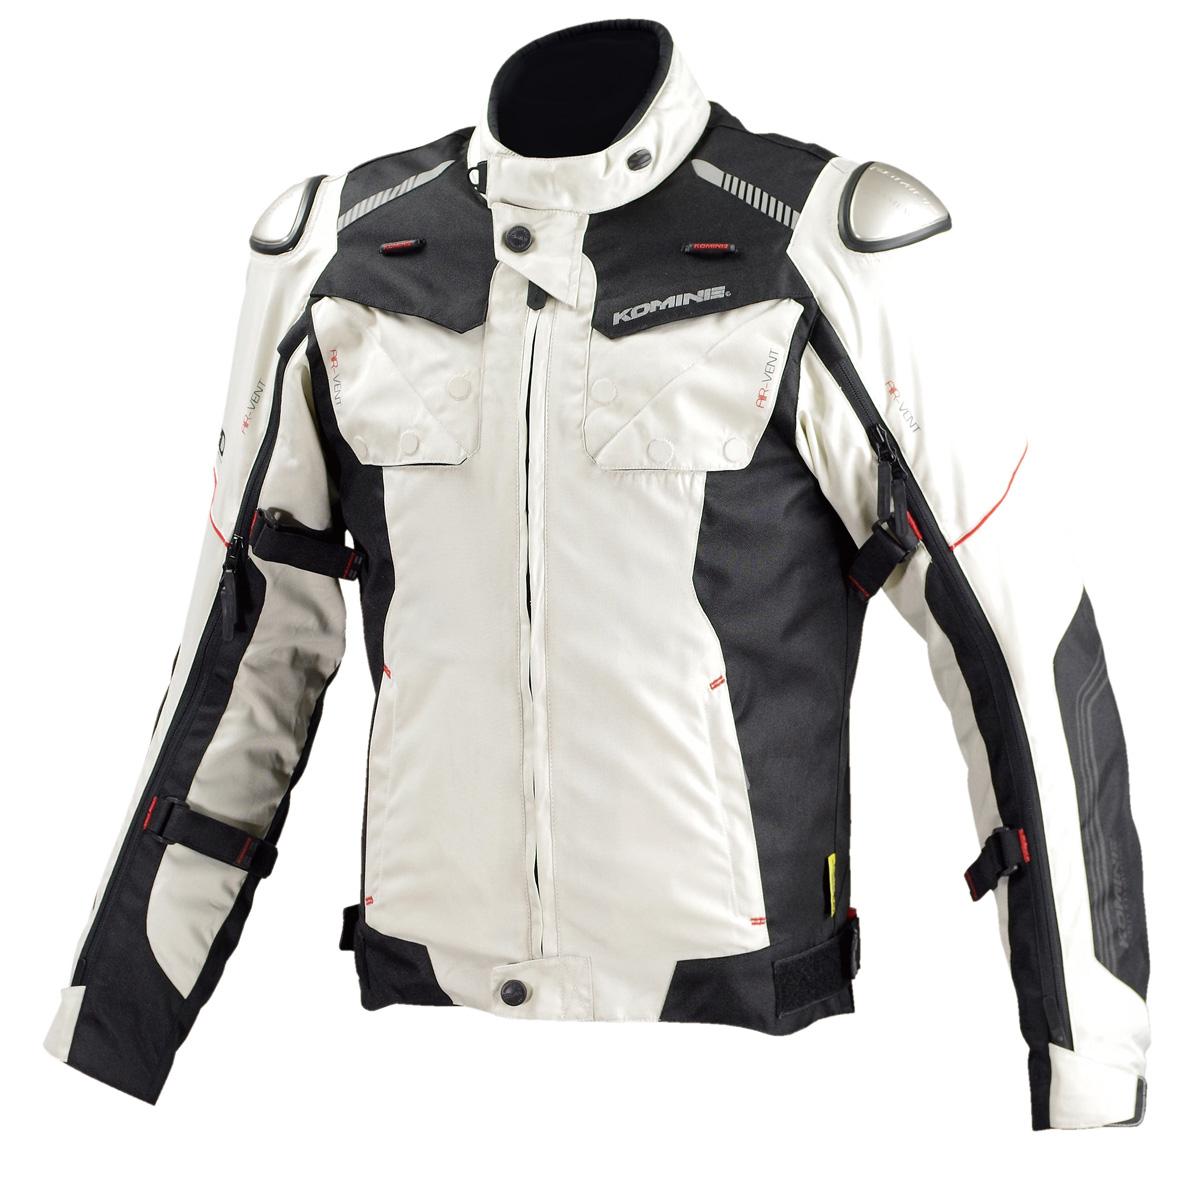 JK-588 FULLYER Titanium Jacket